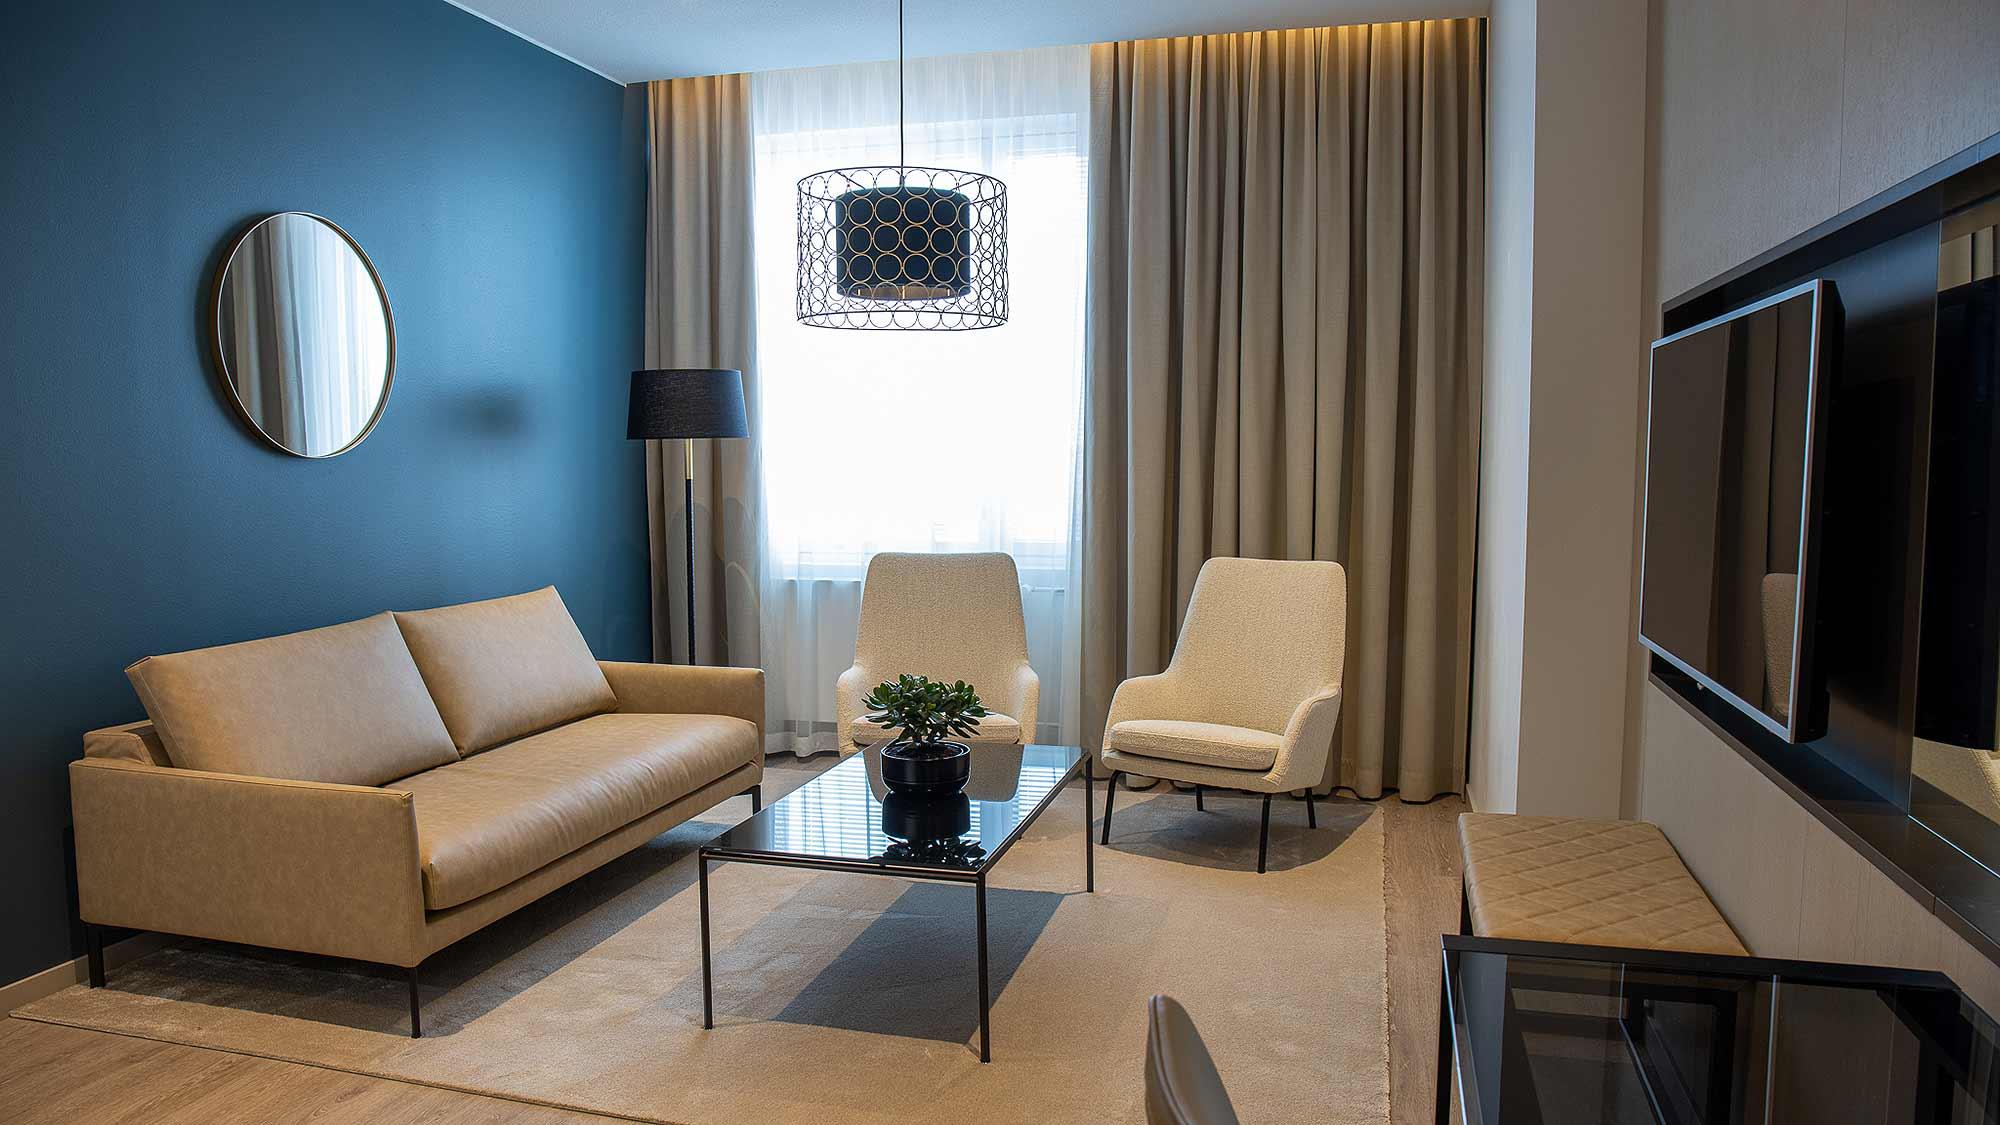 Hotelli Hotel Mattsin sviitti Espoon Matinkylässä.